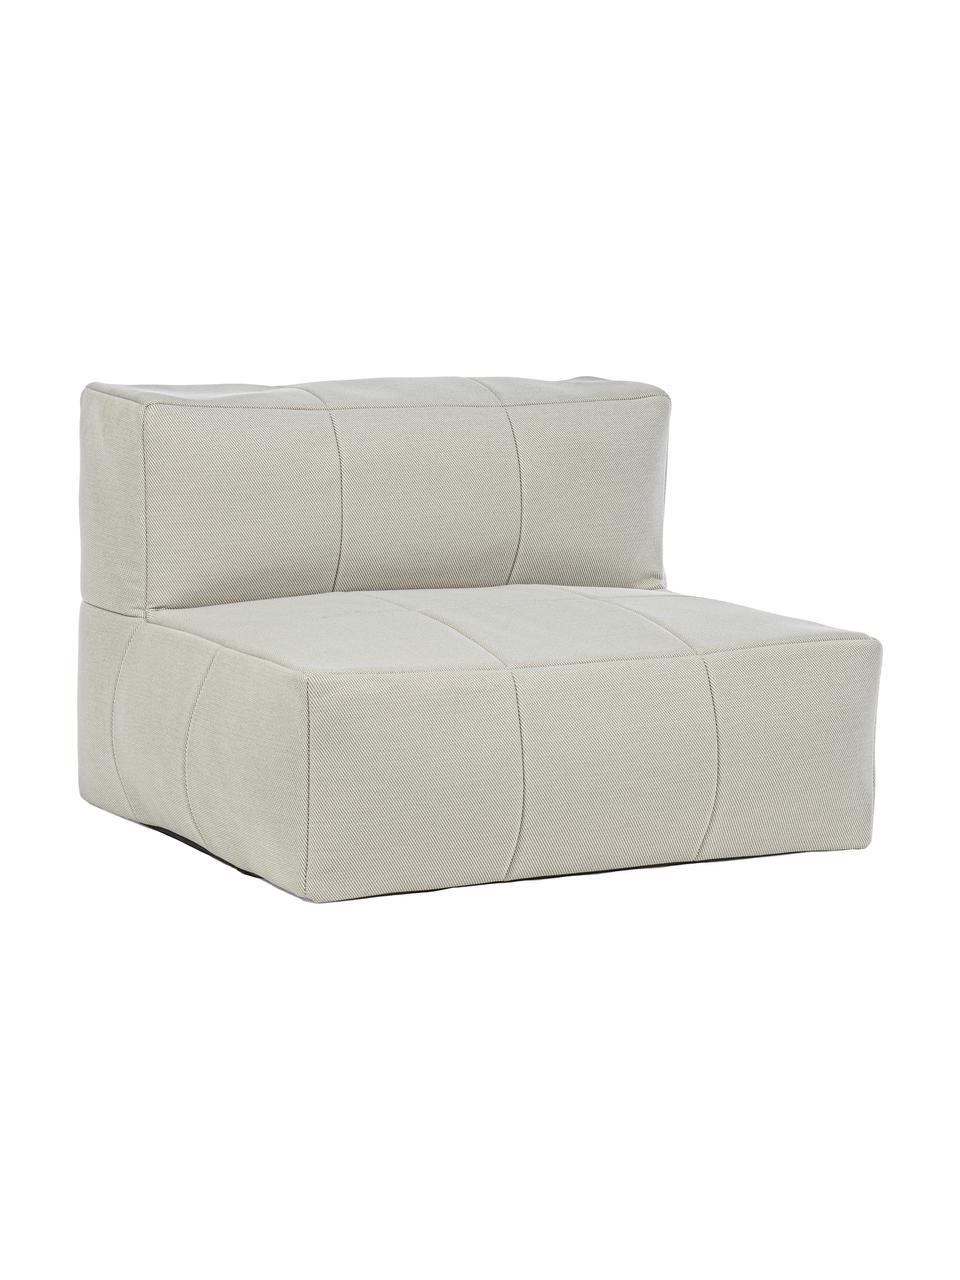 Garten-Loungesessel Sitzsack Sparrow, Bezug: 100% Polypropylen, Gestell: Aluminium, pulverbeschich, Sandfarben, 87 x 64 cm